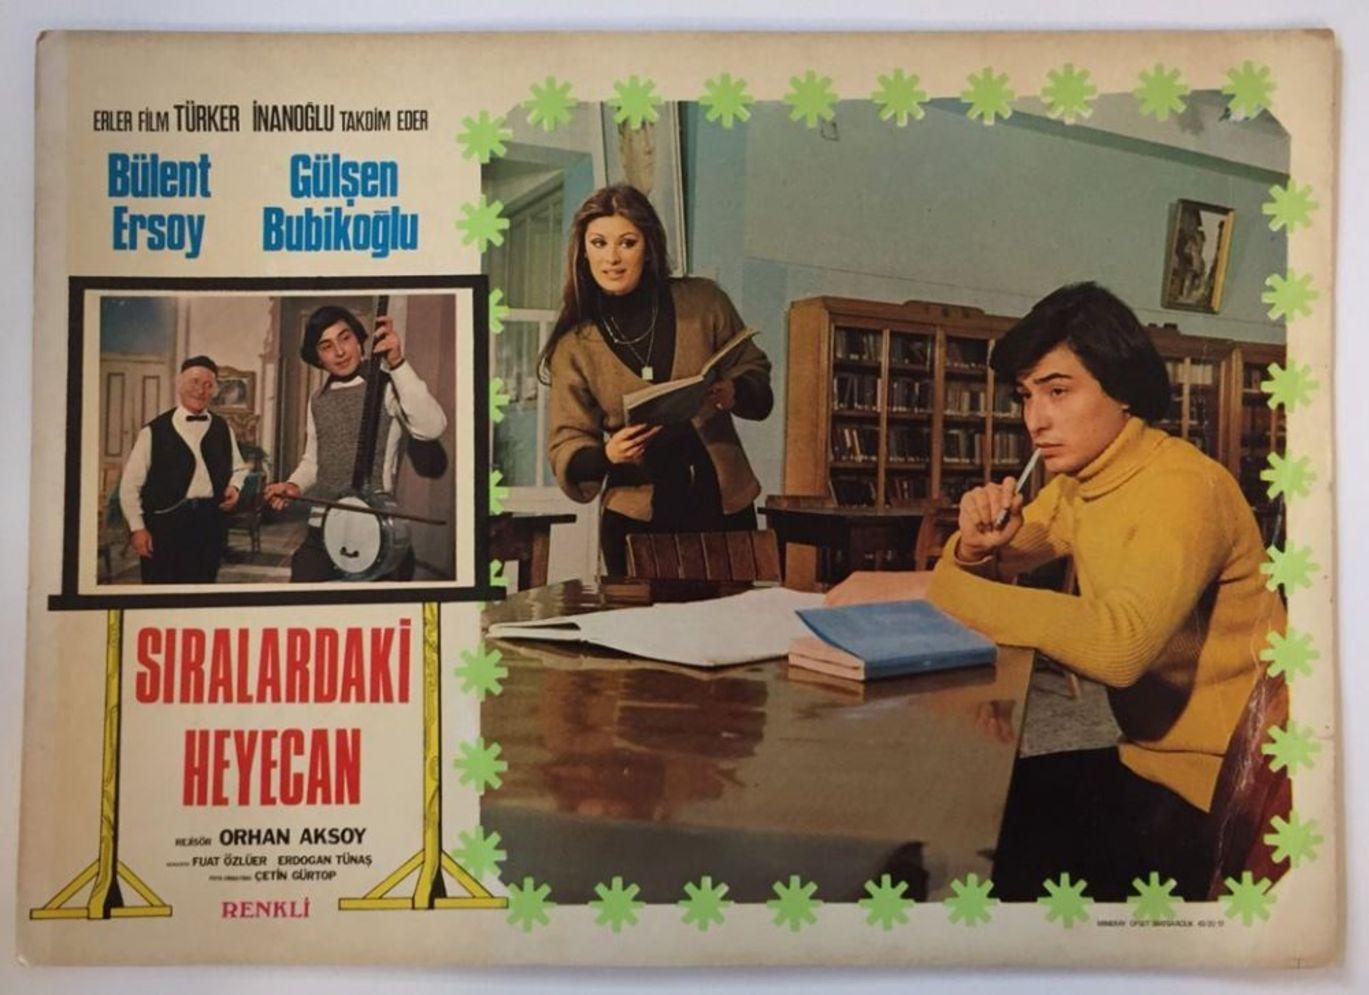 Gülşen Bubikoğlu, Bülent Ersoy ile 'Sıralardaki Heyecan' (1976),'Ölmeyen Şarkı' (1977) ve 'İşte Bizim Hikayemiz' (1978) adlı sinema filmlerinde başrolü paylaştı.